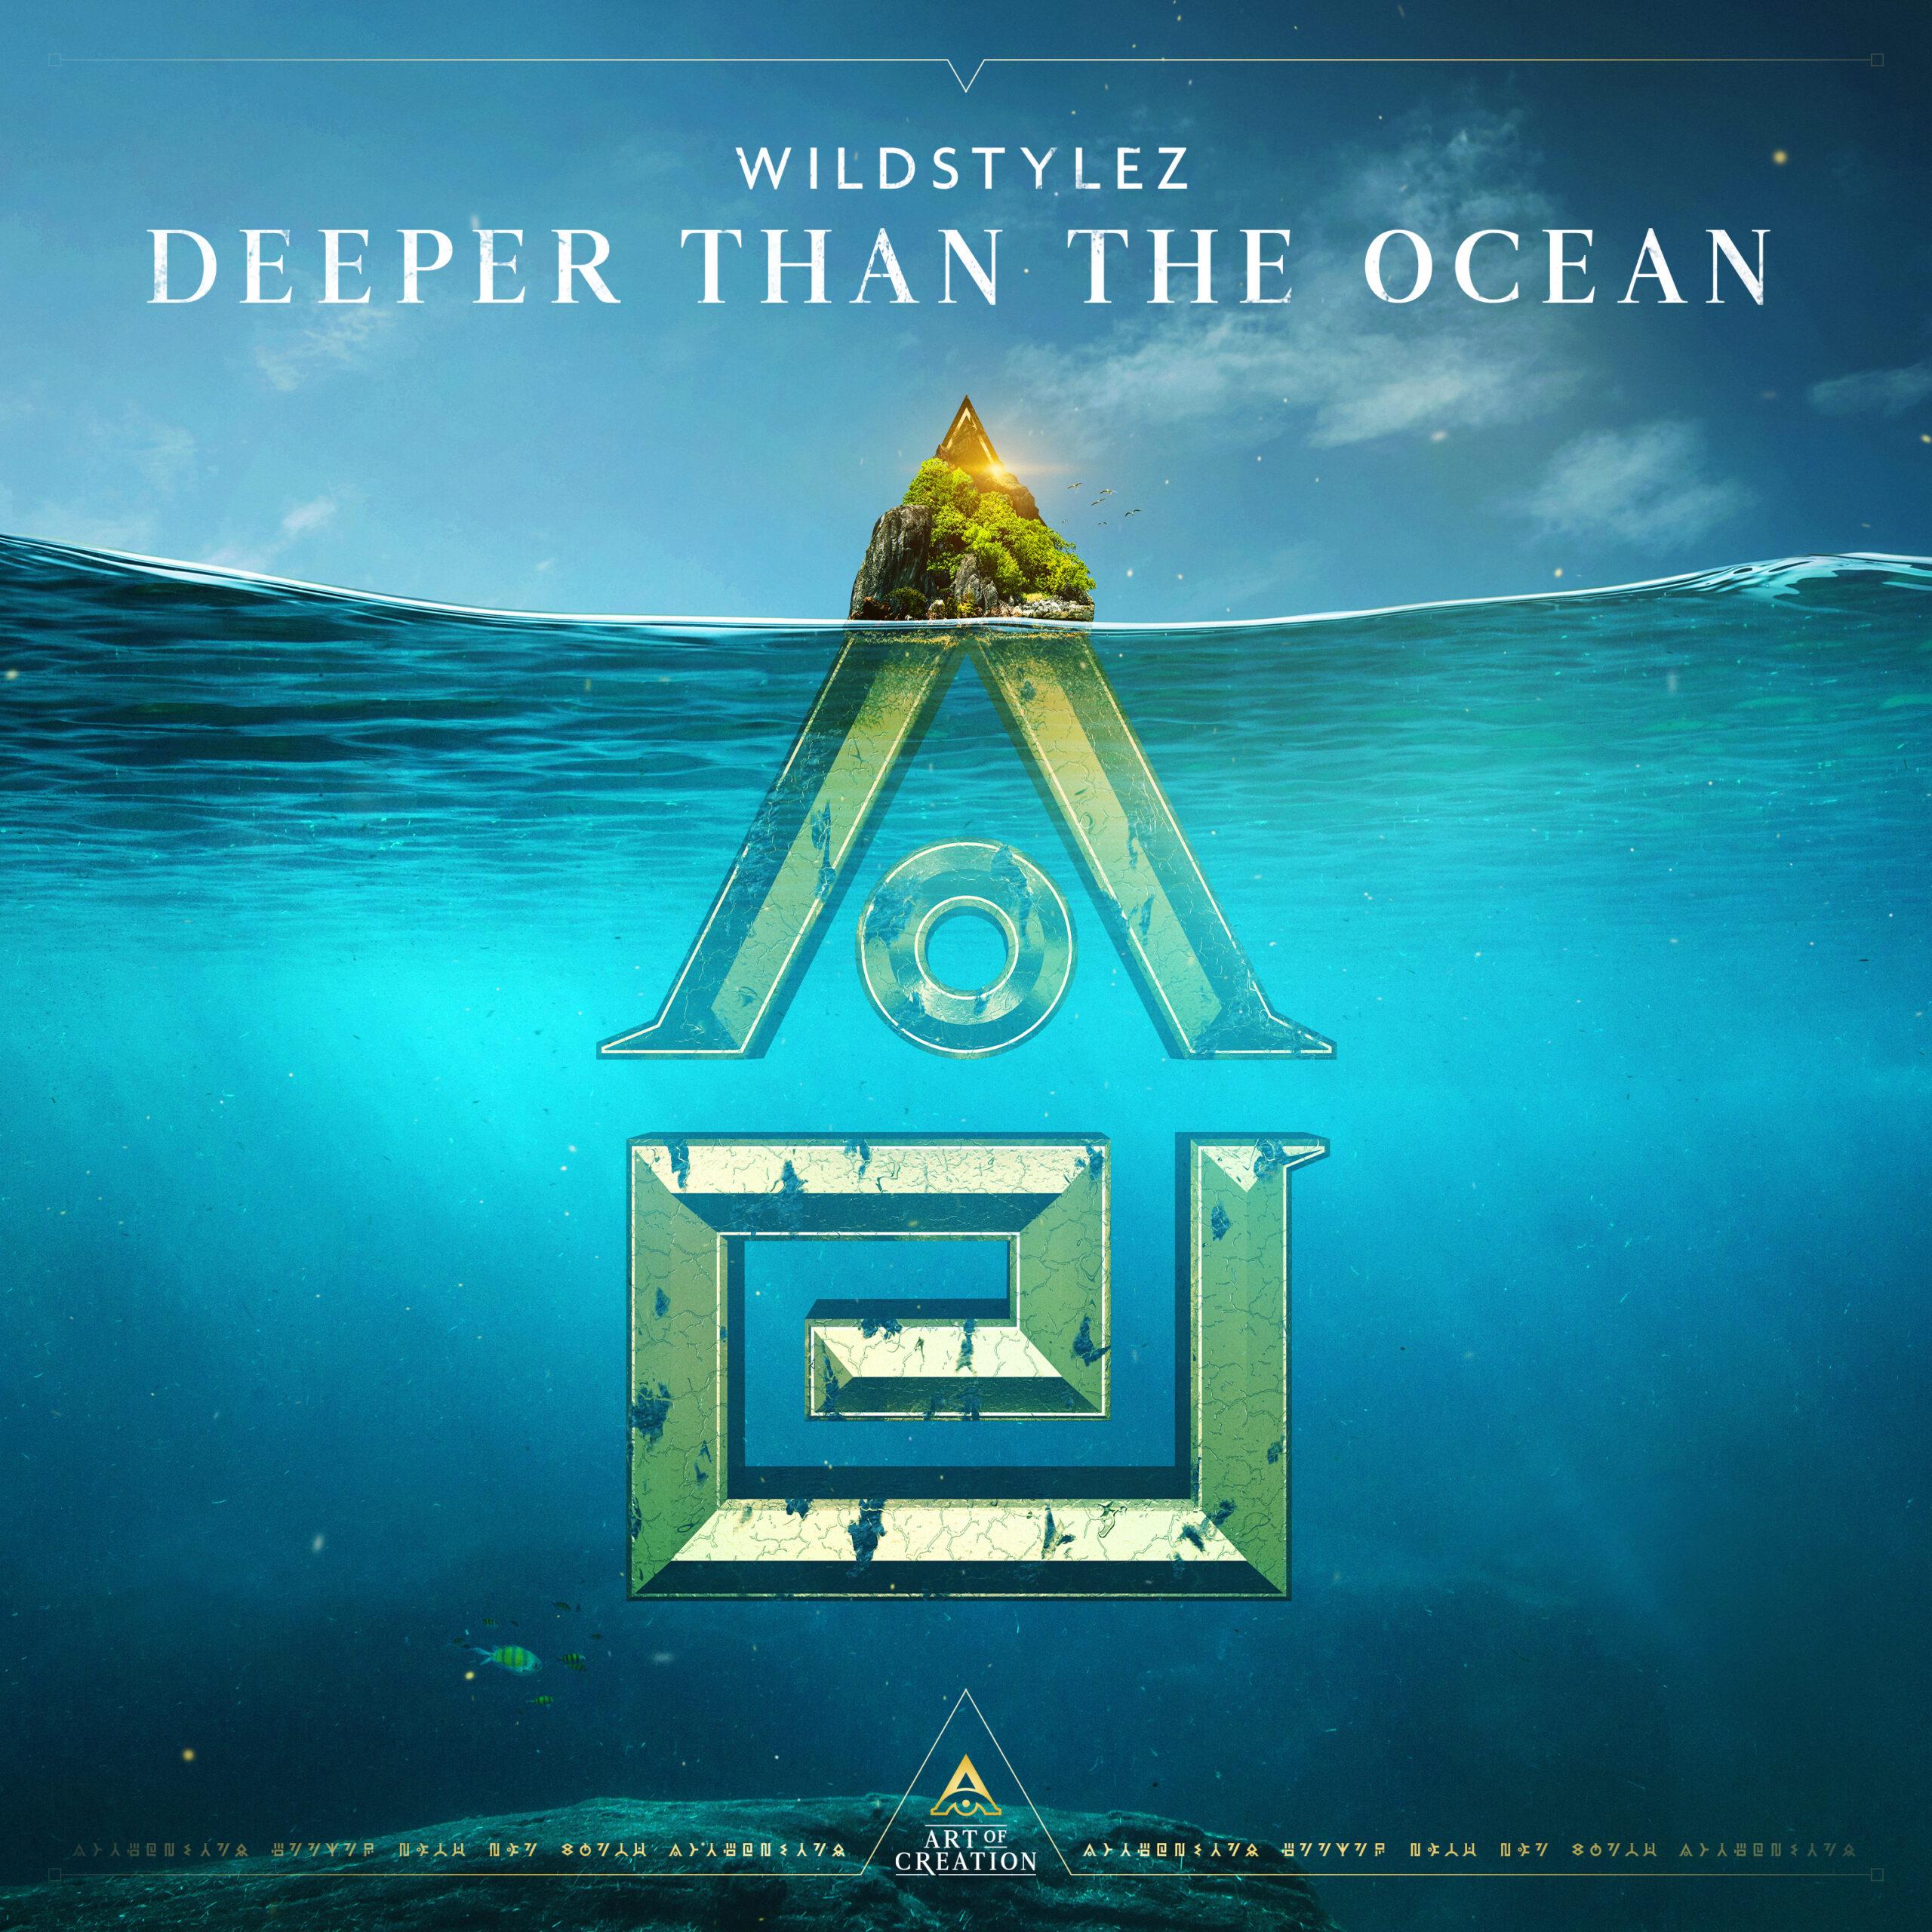 Wildstylez - Deeper Than The Ocean